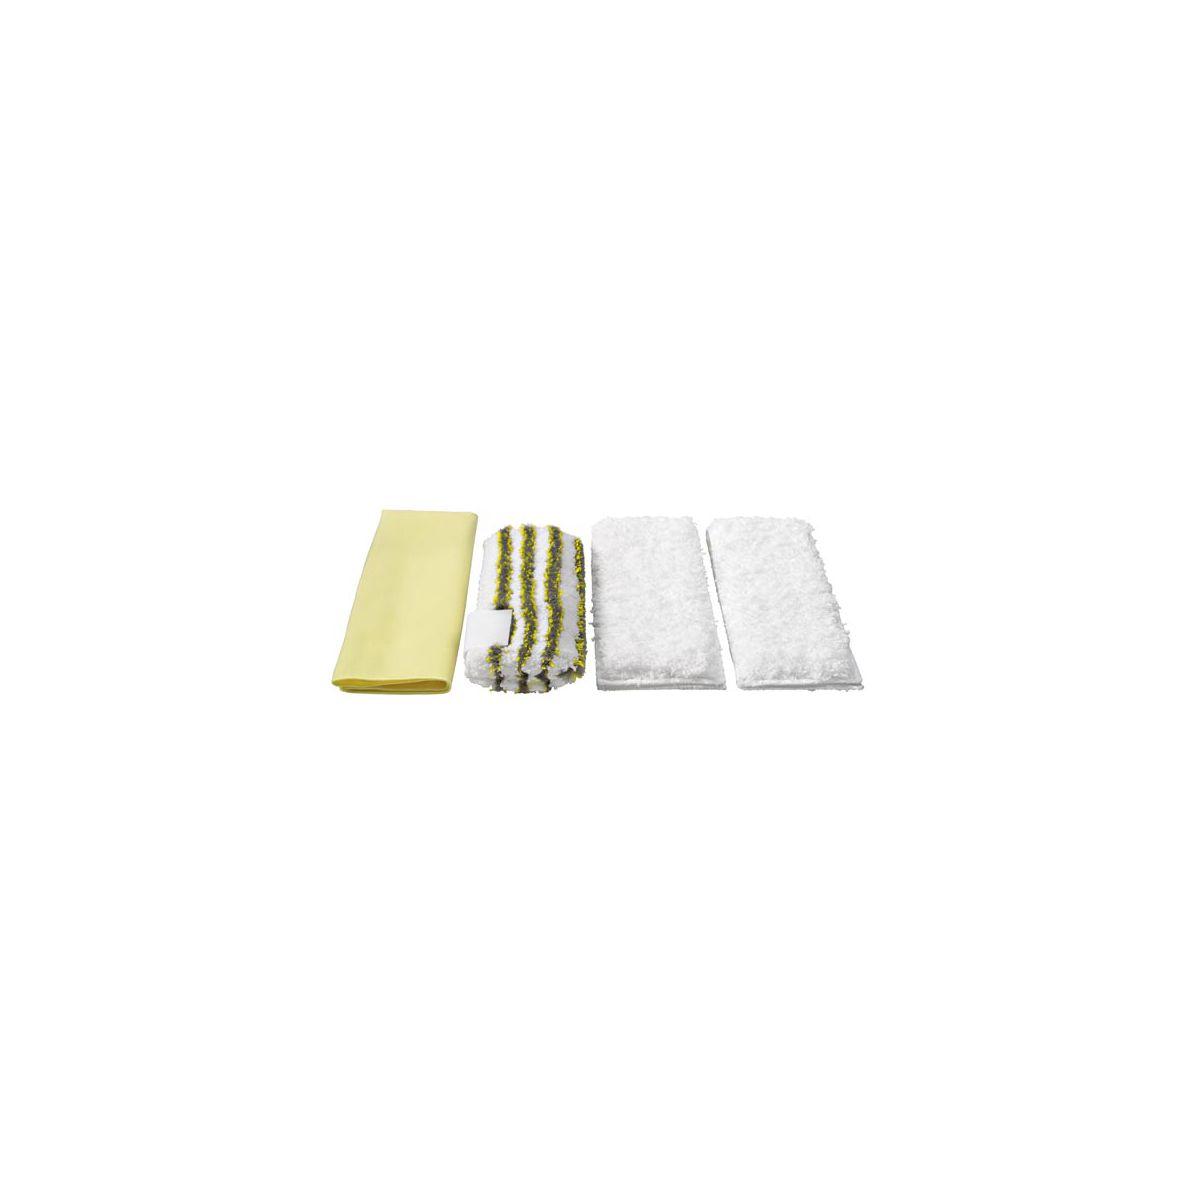 Lingette KARCHER Set de nettoyage pour la salle de bain